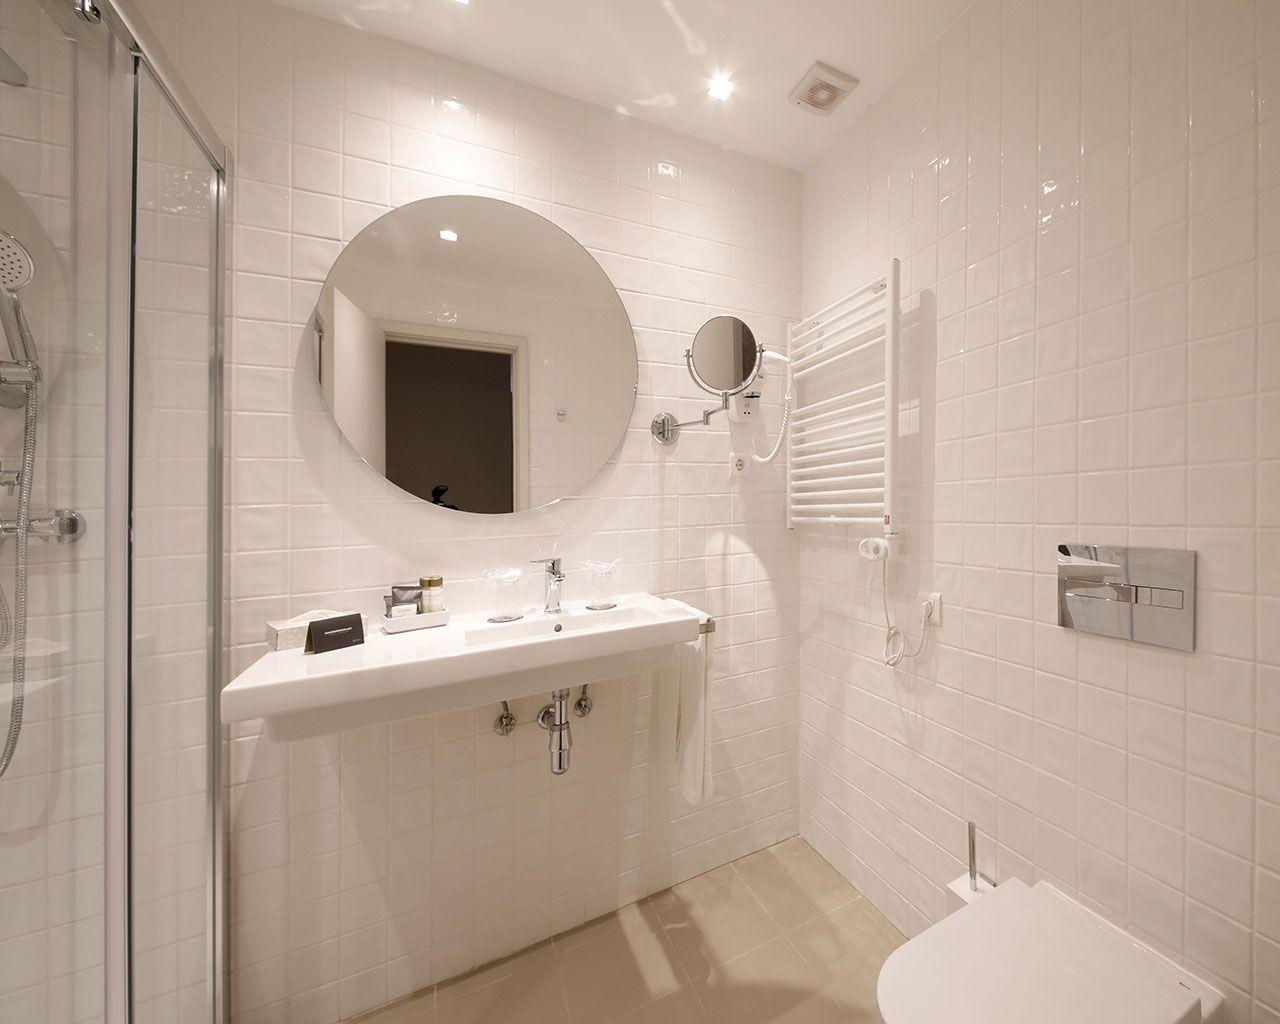 Casa de Banho - Apartamento T1 Premium